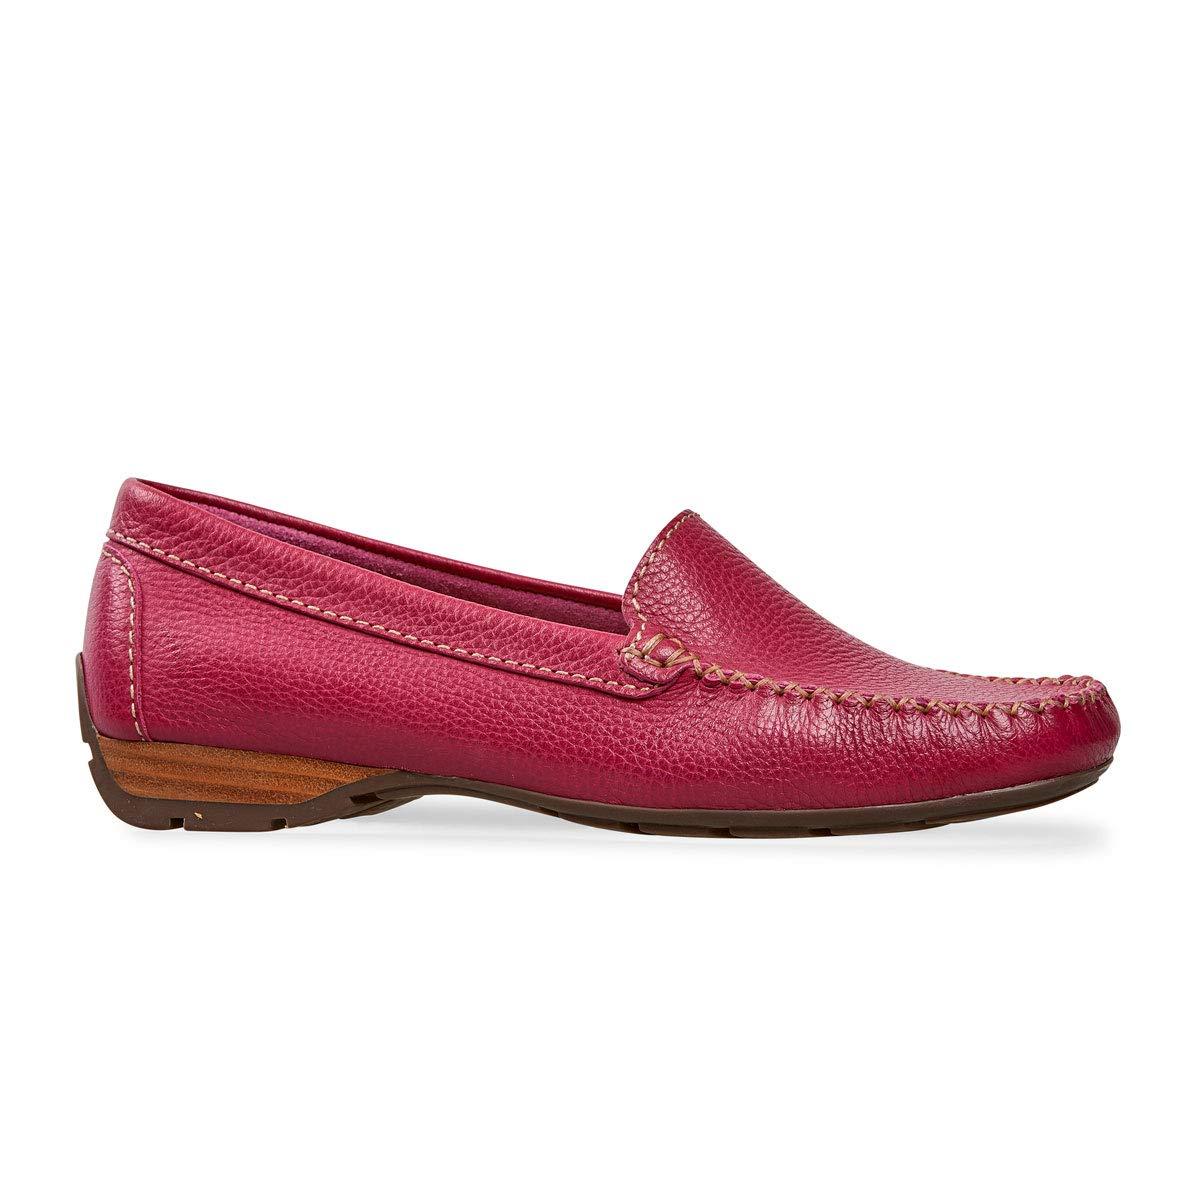 b2ab2c45f213 Van Dal Women s s Sanson Moccasins  Amazon.co.uk  Shoes   Bags